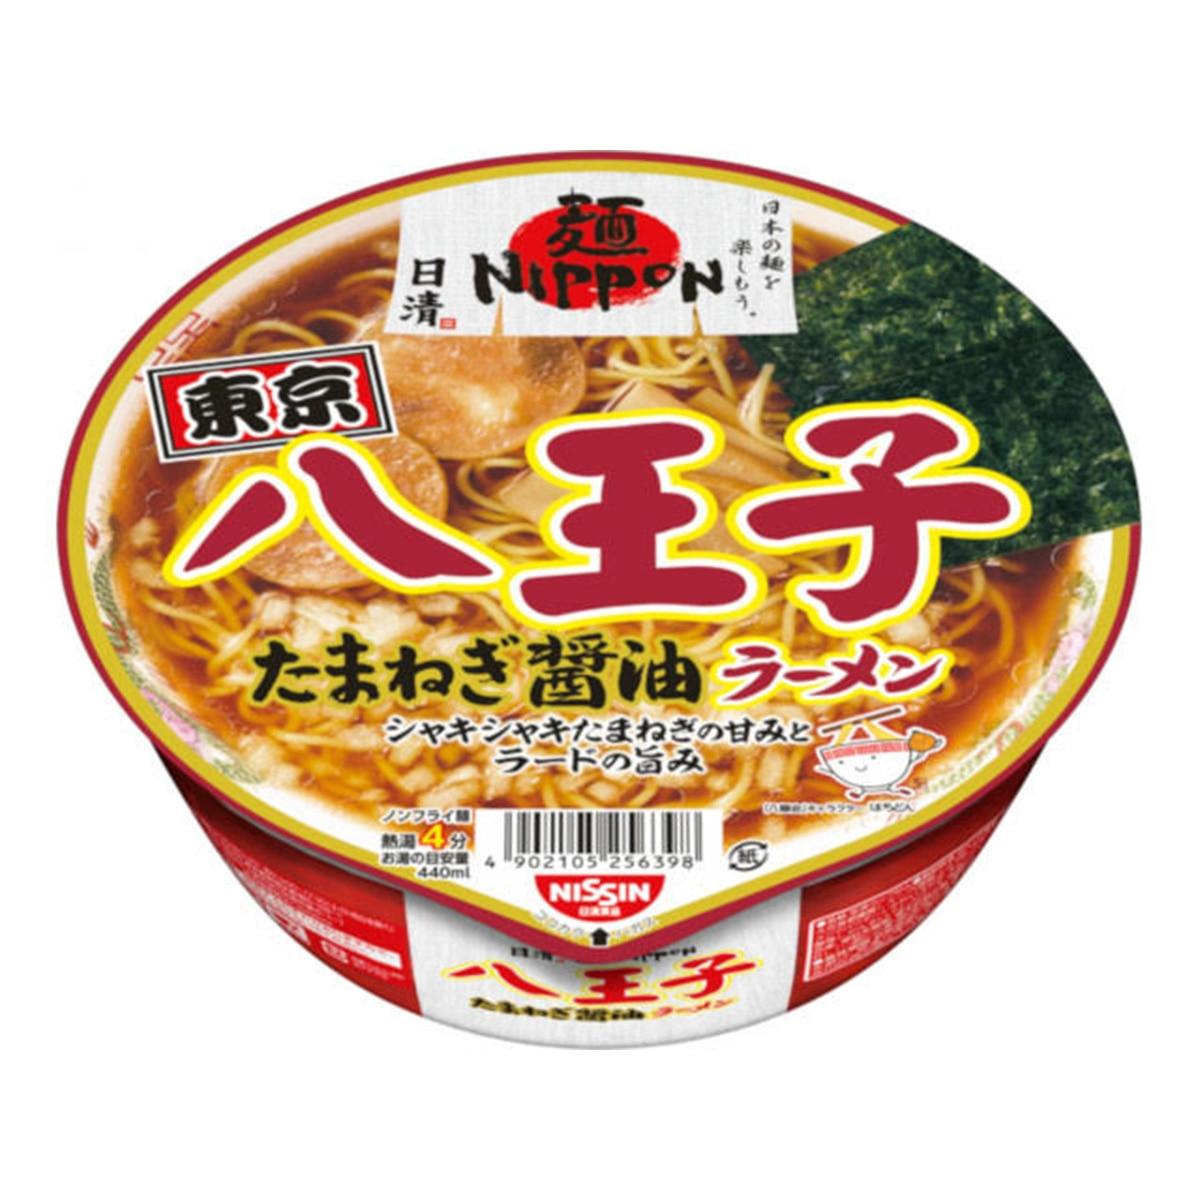 【12個入り】日清 麺NIPPON 八王子たまねぎ醤油 カップ 112g